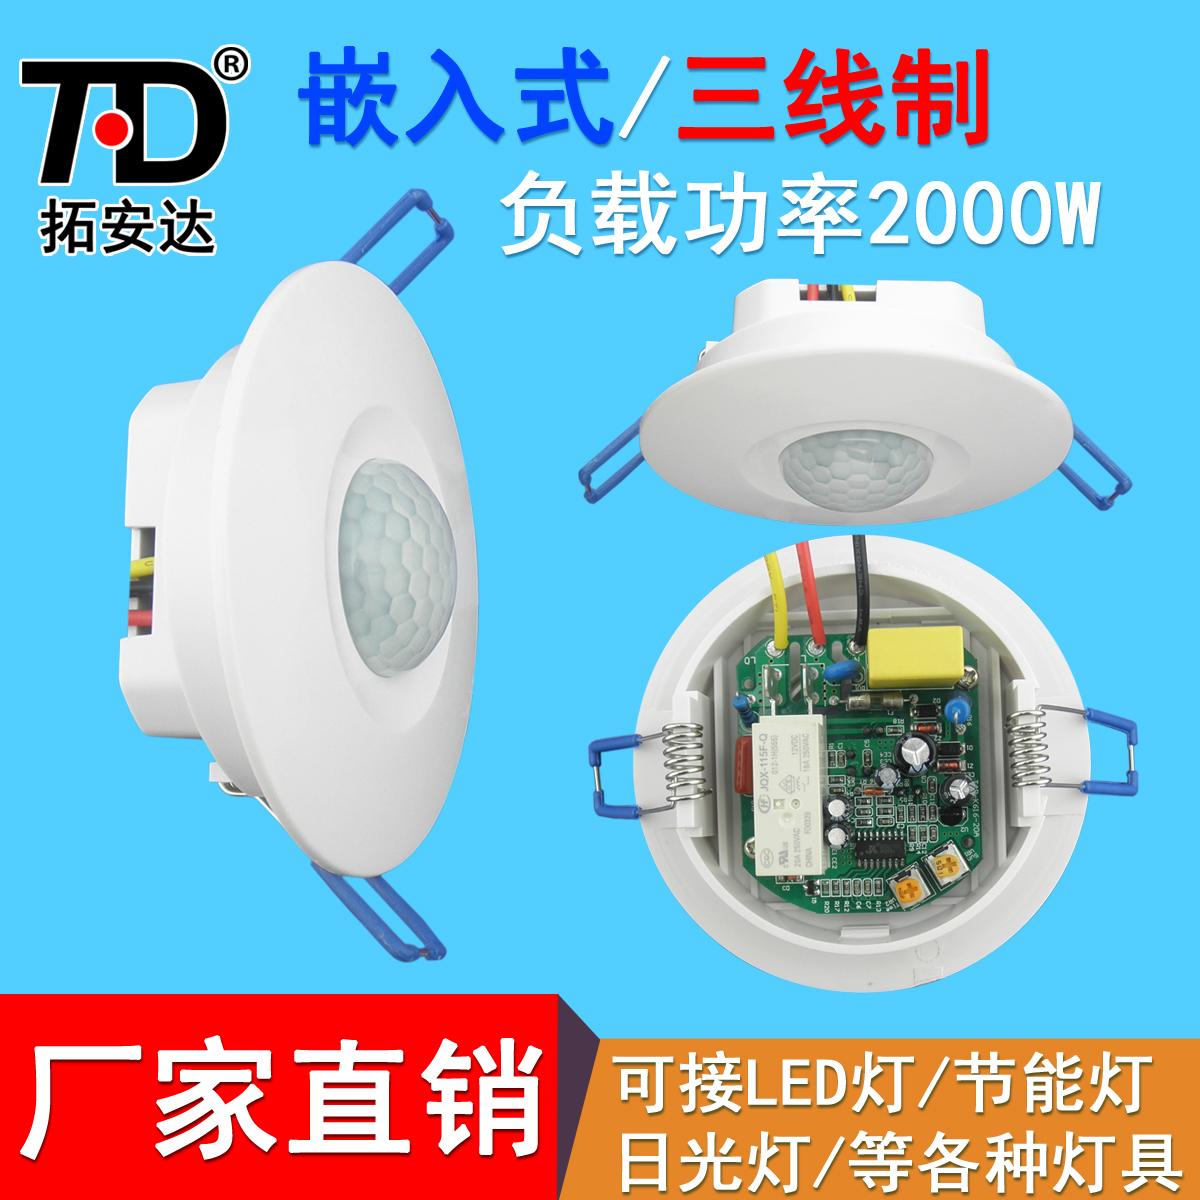 هيئة التعريفي التبديل الذكية جزءا لا يتجزأ من 220 فولت سقف الممر استشعار الأشعة تحت الحمراء التبديل 2000W